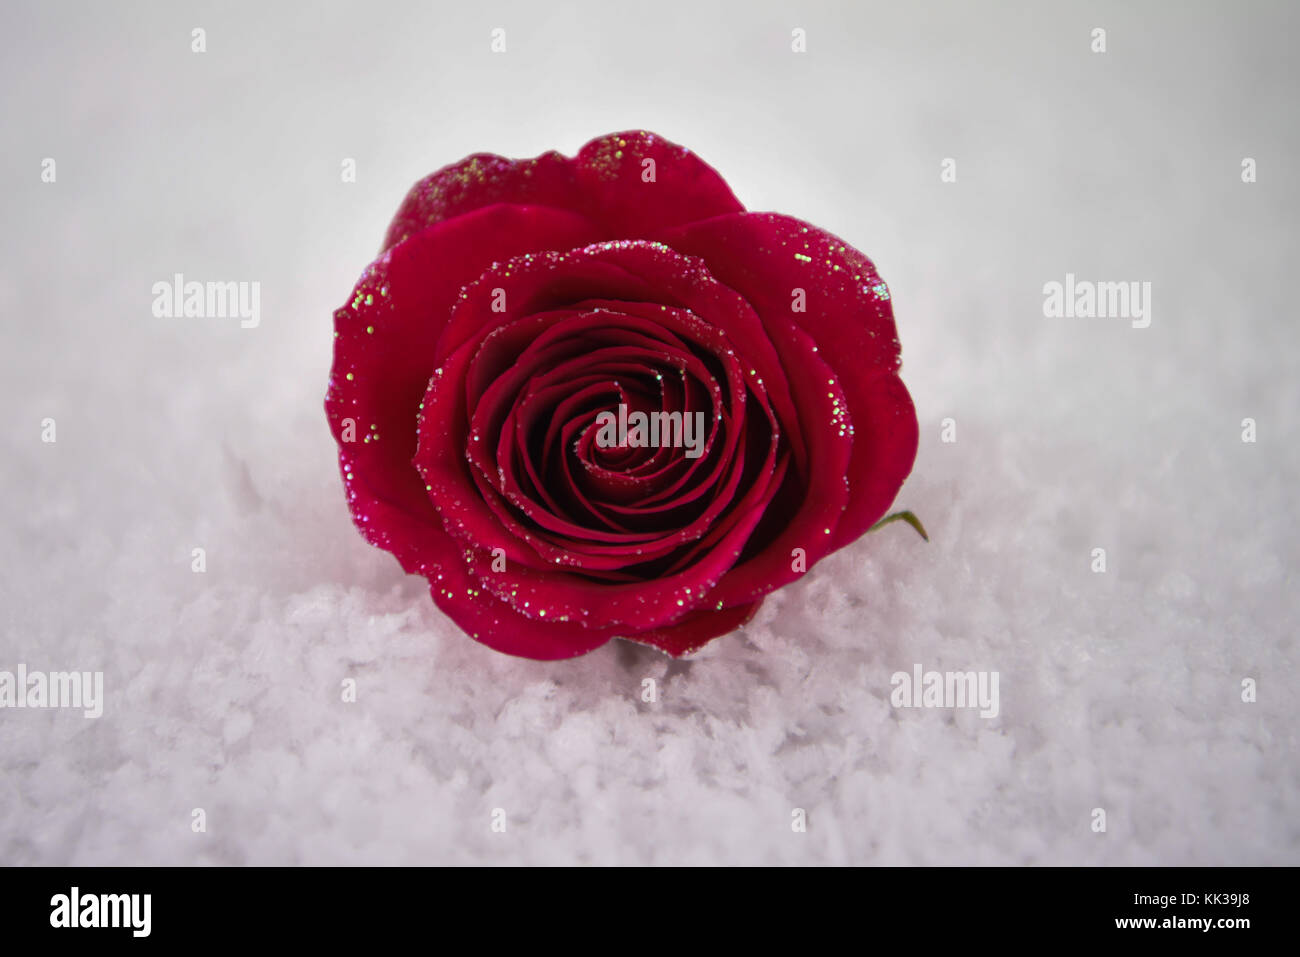 Romantischer Valentinstag Winter Fotografie Bild Von Red Rose Blume Im  Schnee Und In West Sussex An Der Südküste Von England Großbritannien